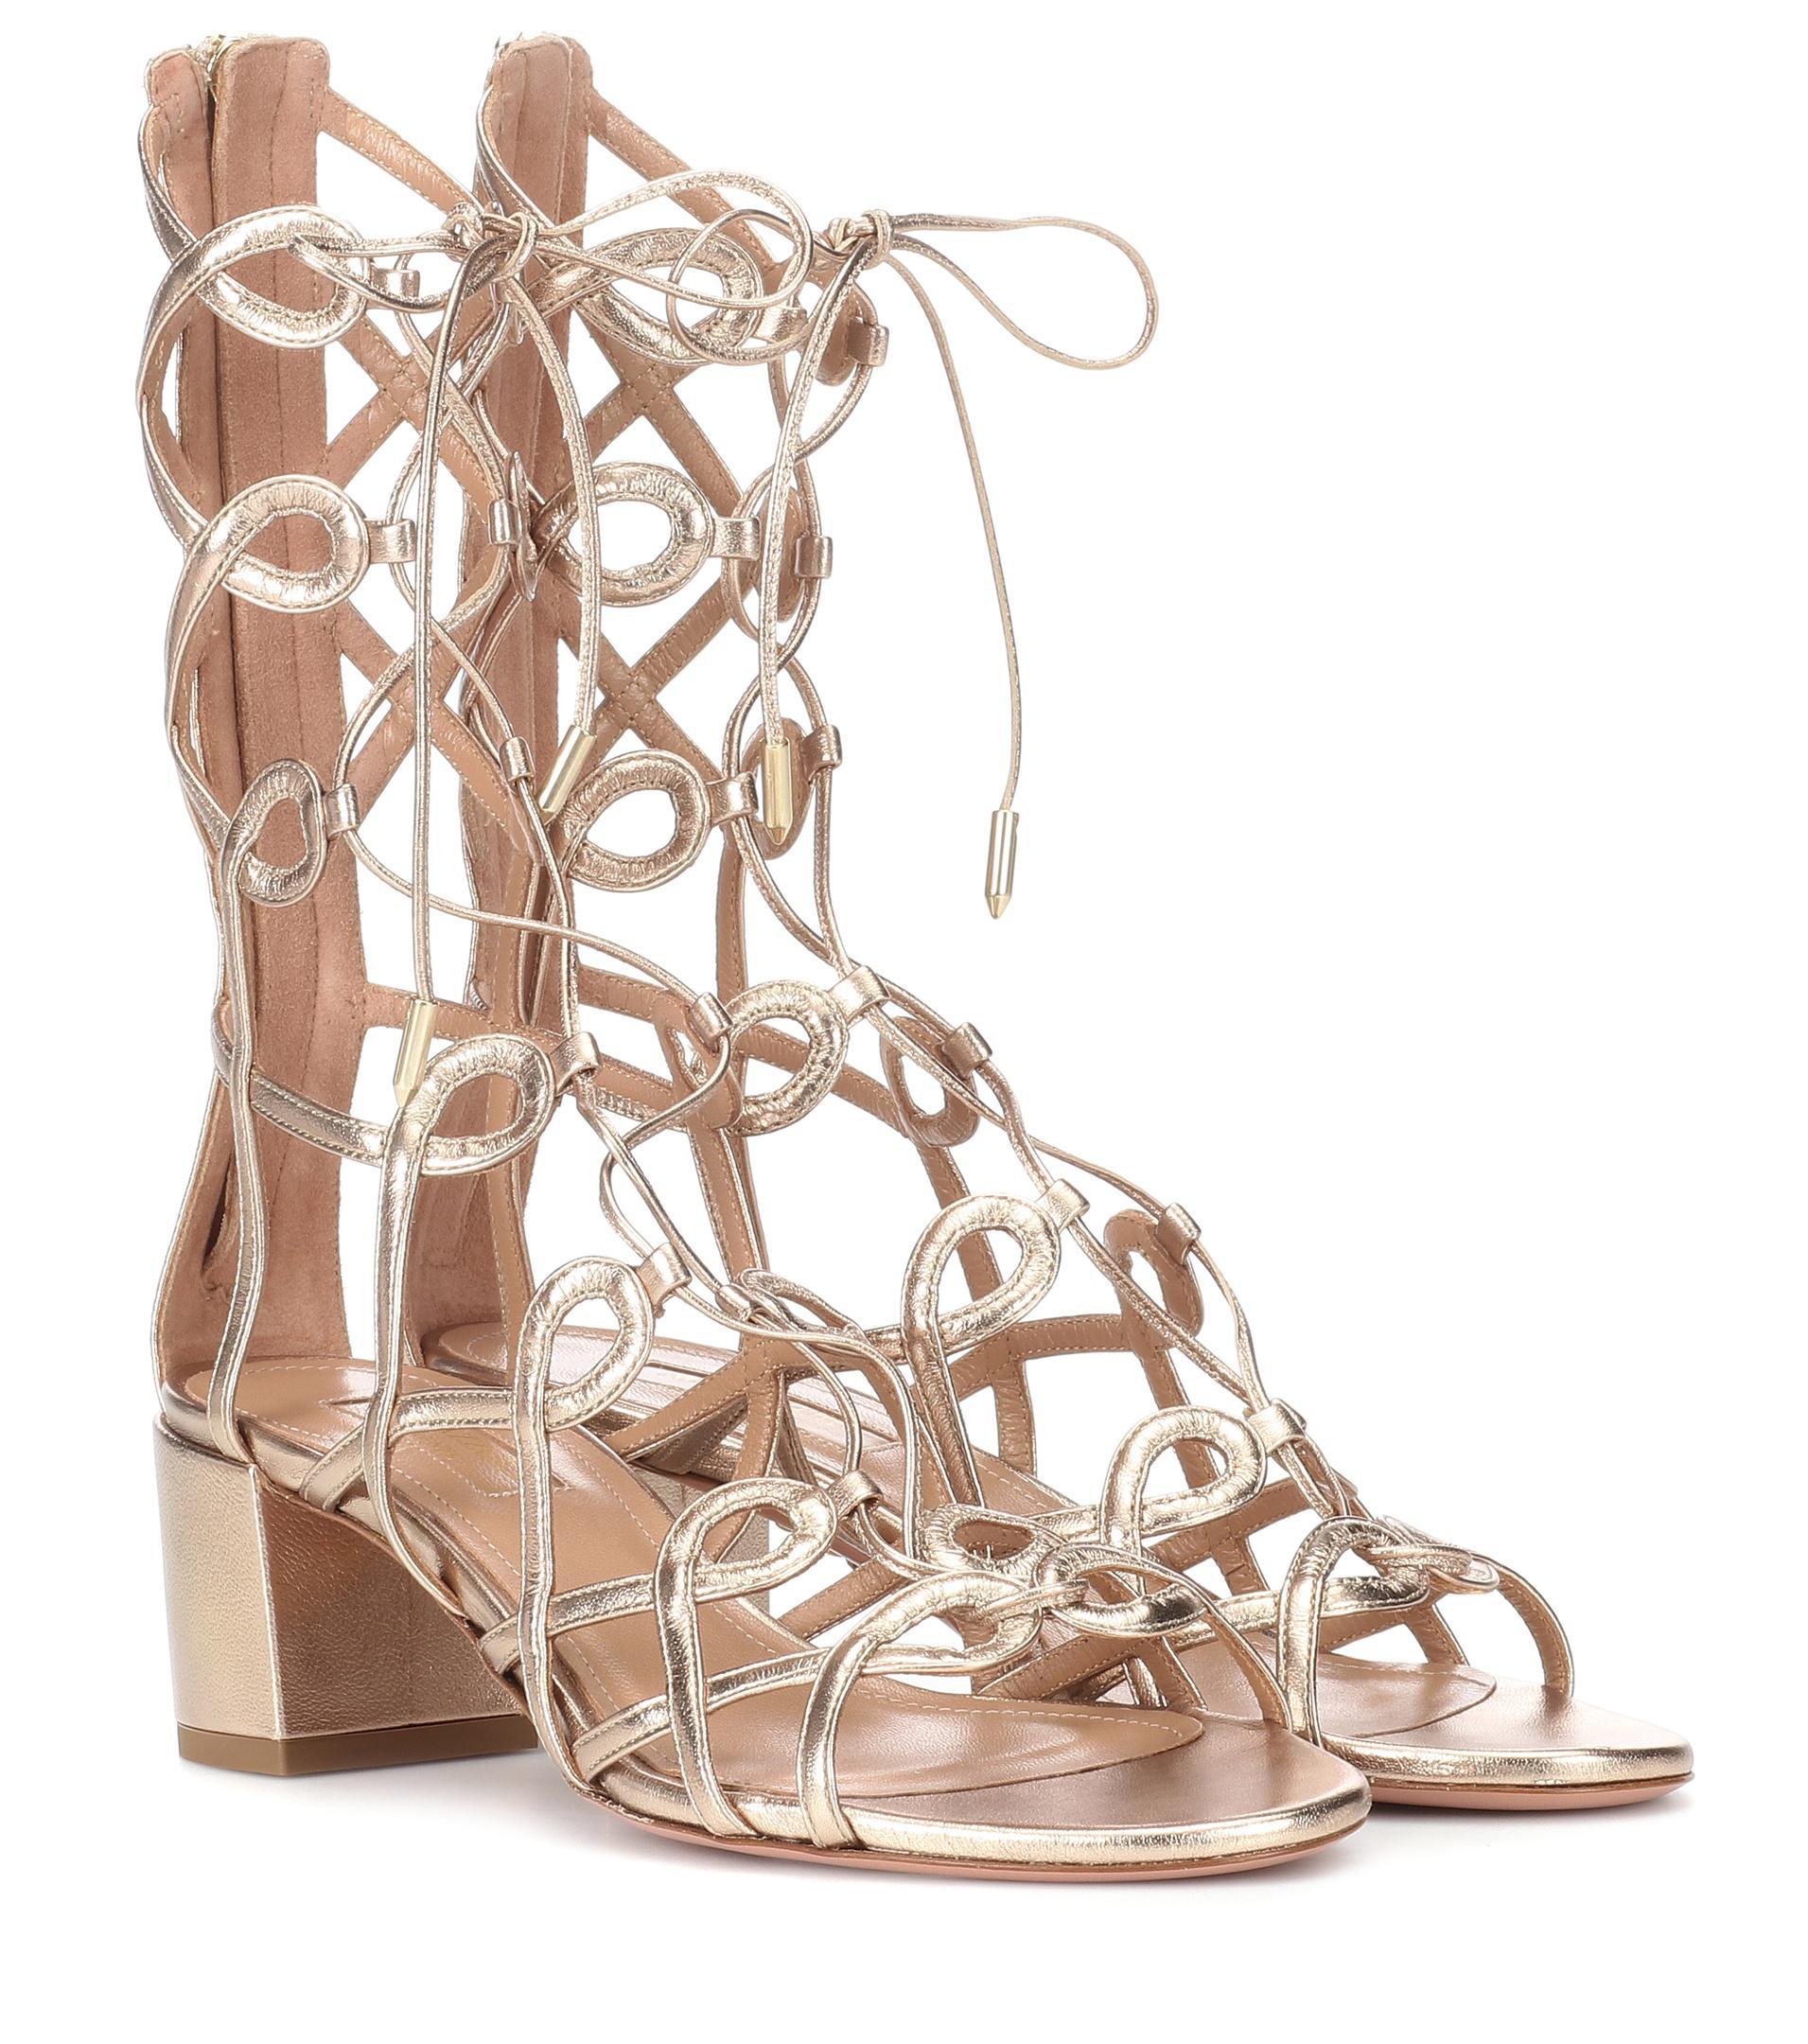 c9430e46dc2 Aquazzura Mumbai Gladiator 50 Leather Sandals in Metallic - Lyst